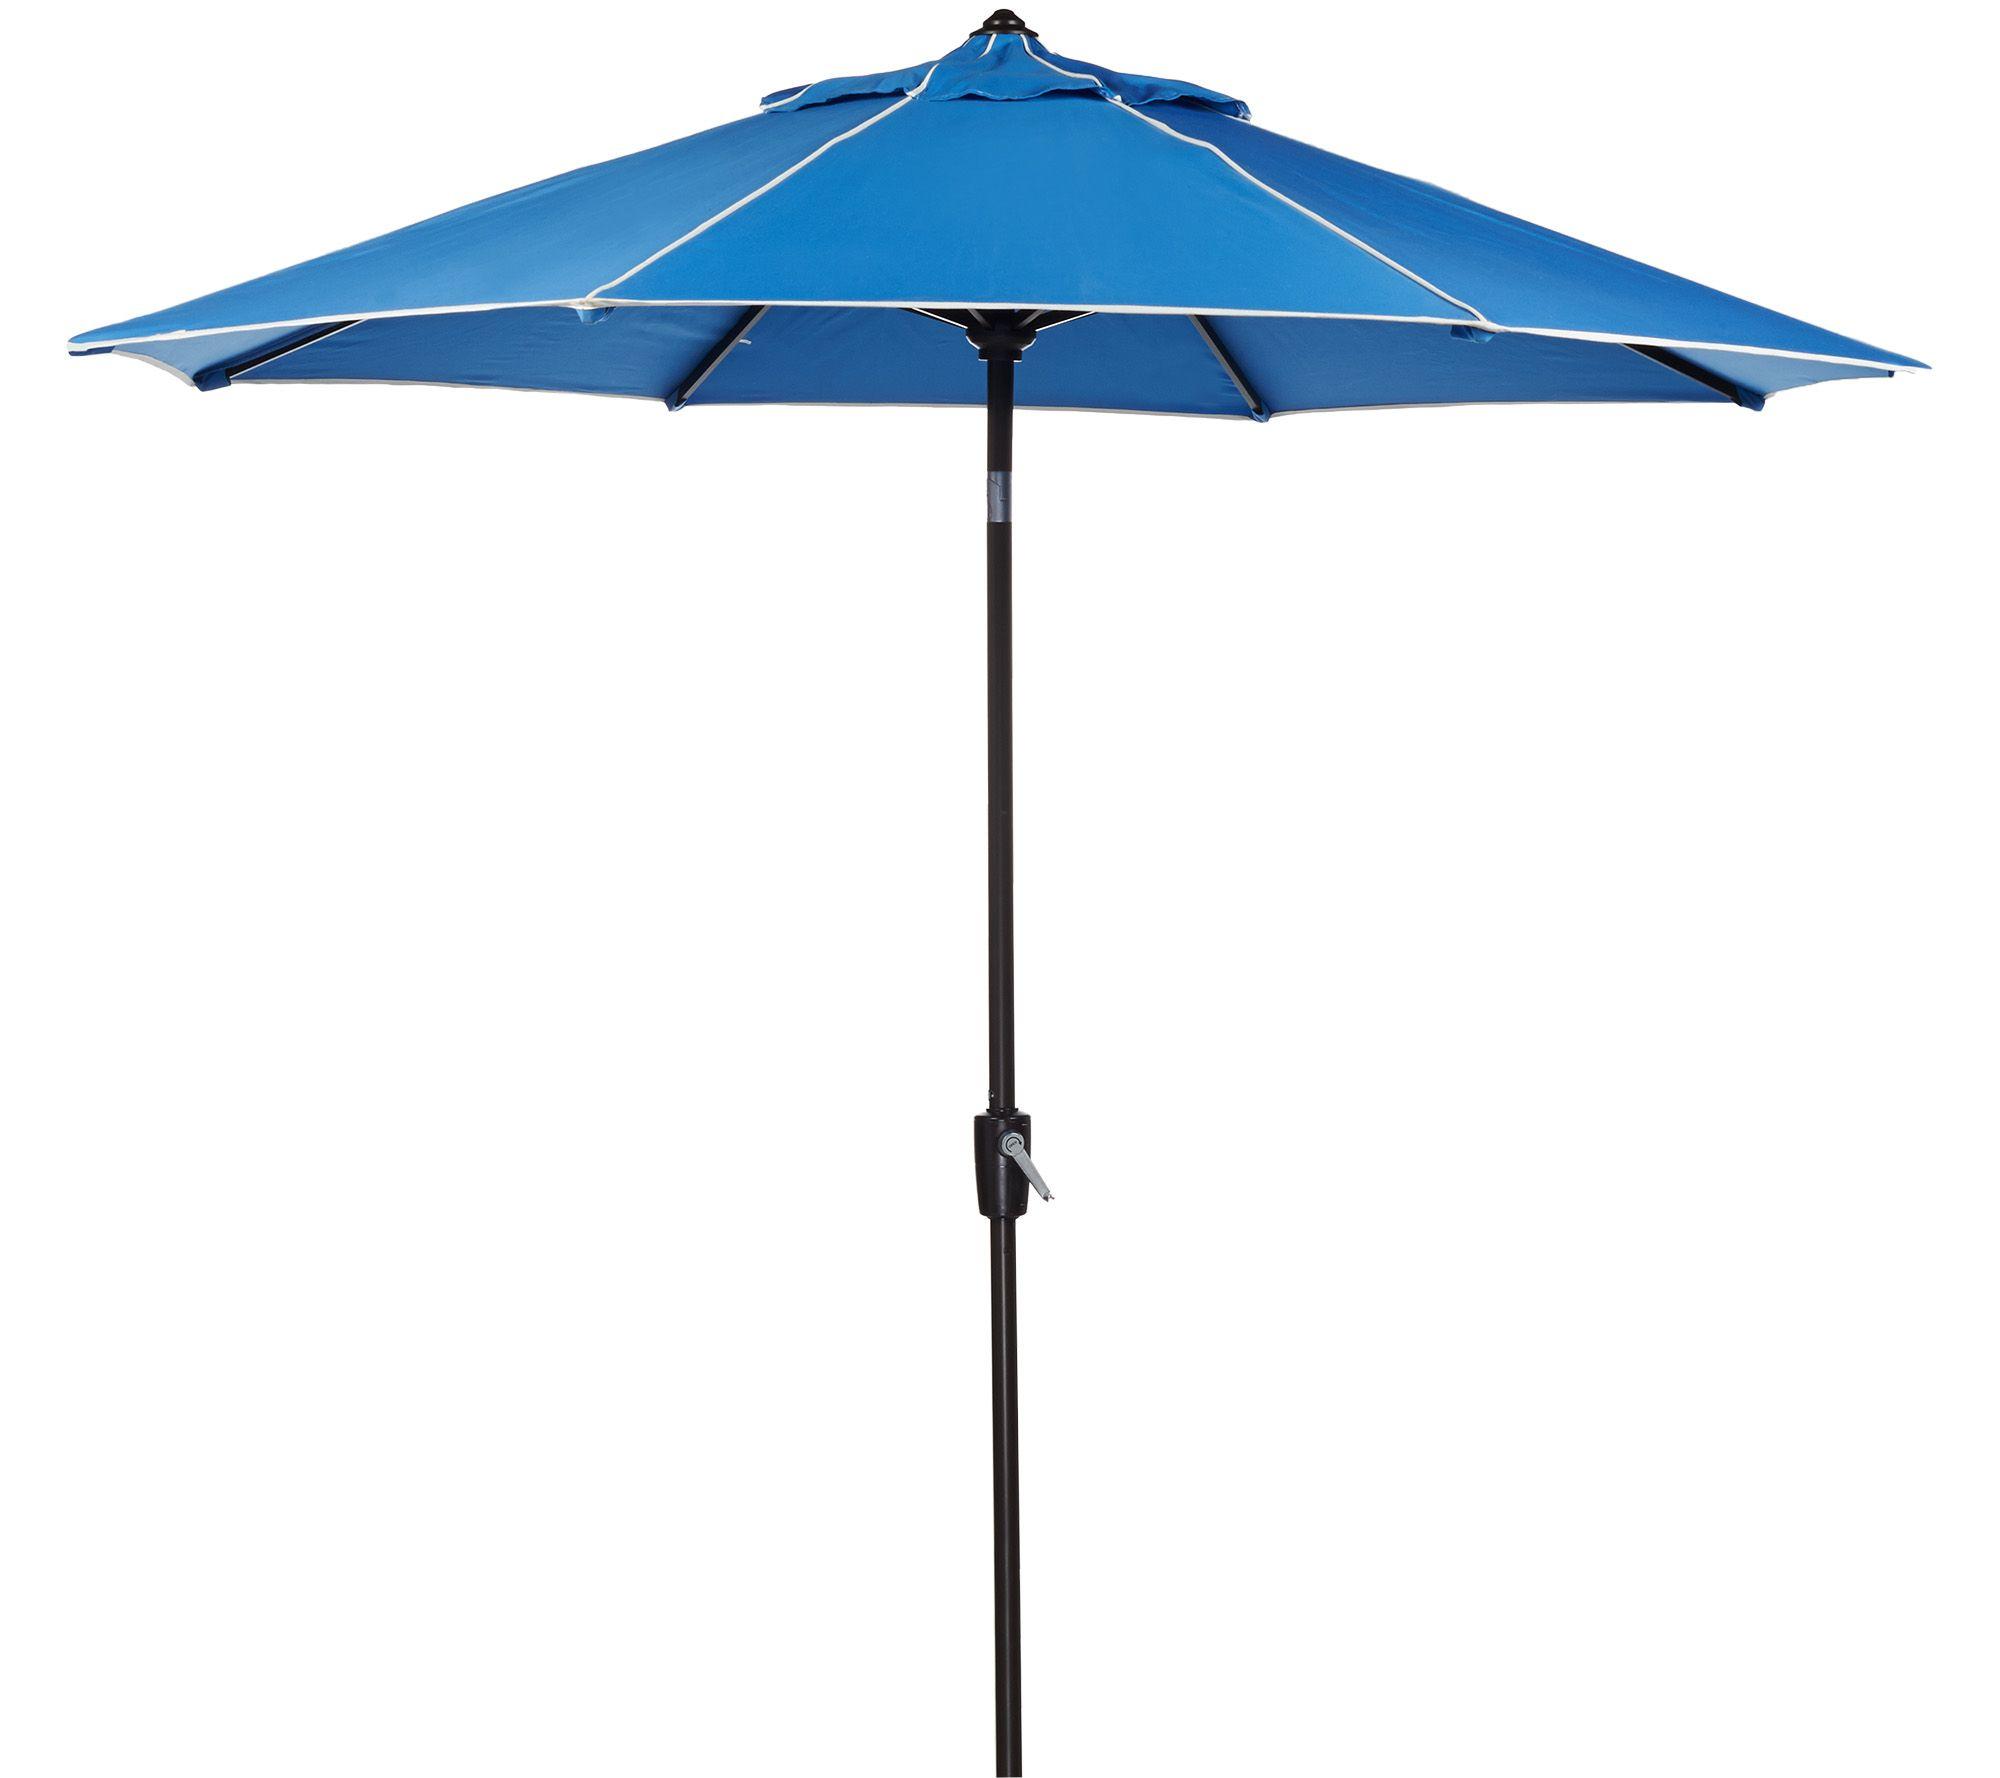 Scott Living Crank & Tilt Umbrella with Cover - M46901